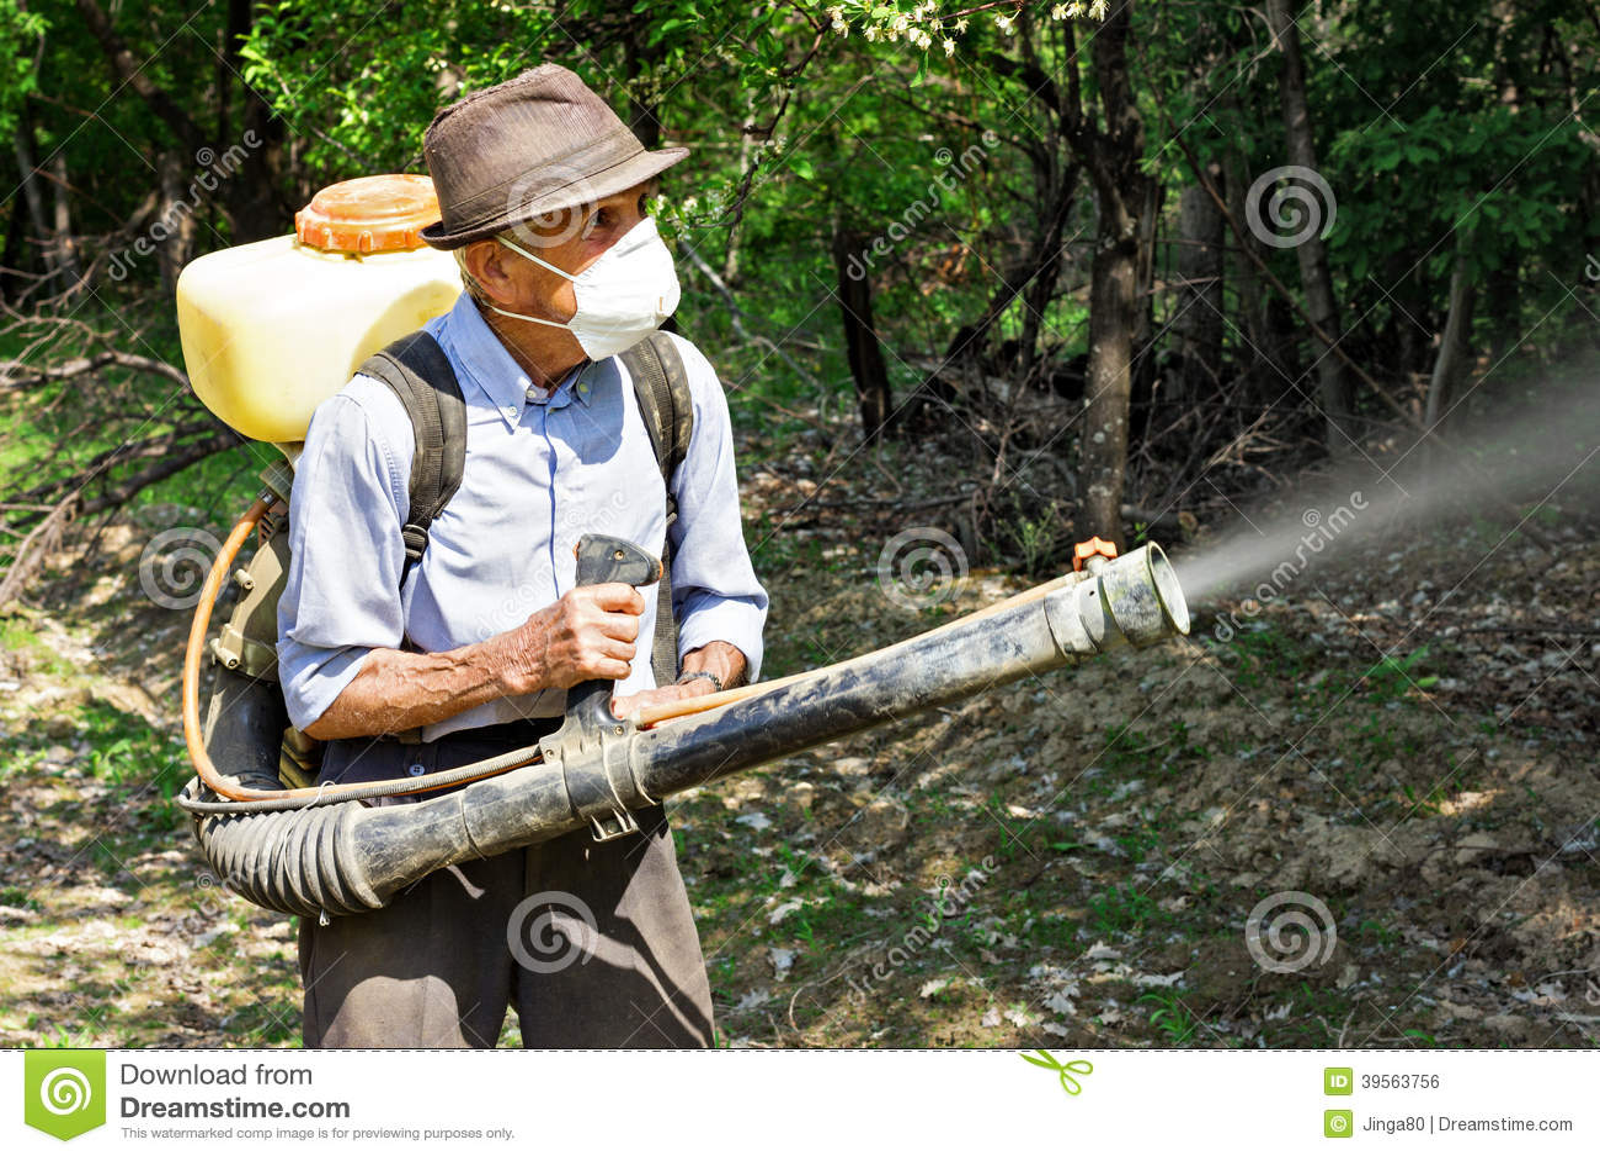 盆射树的农民与化学制品